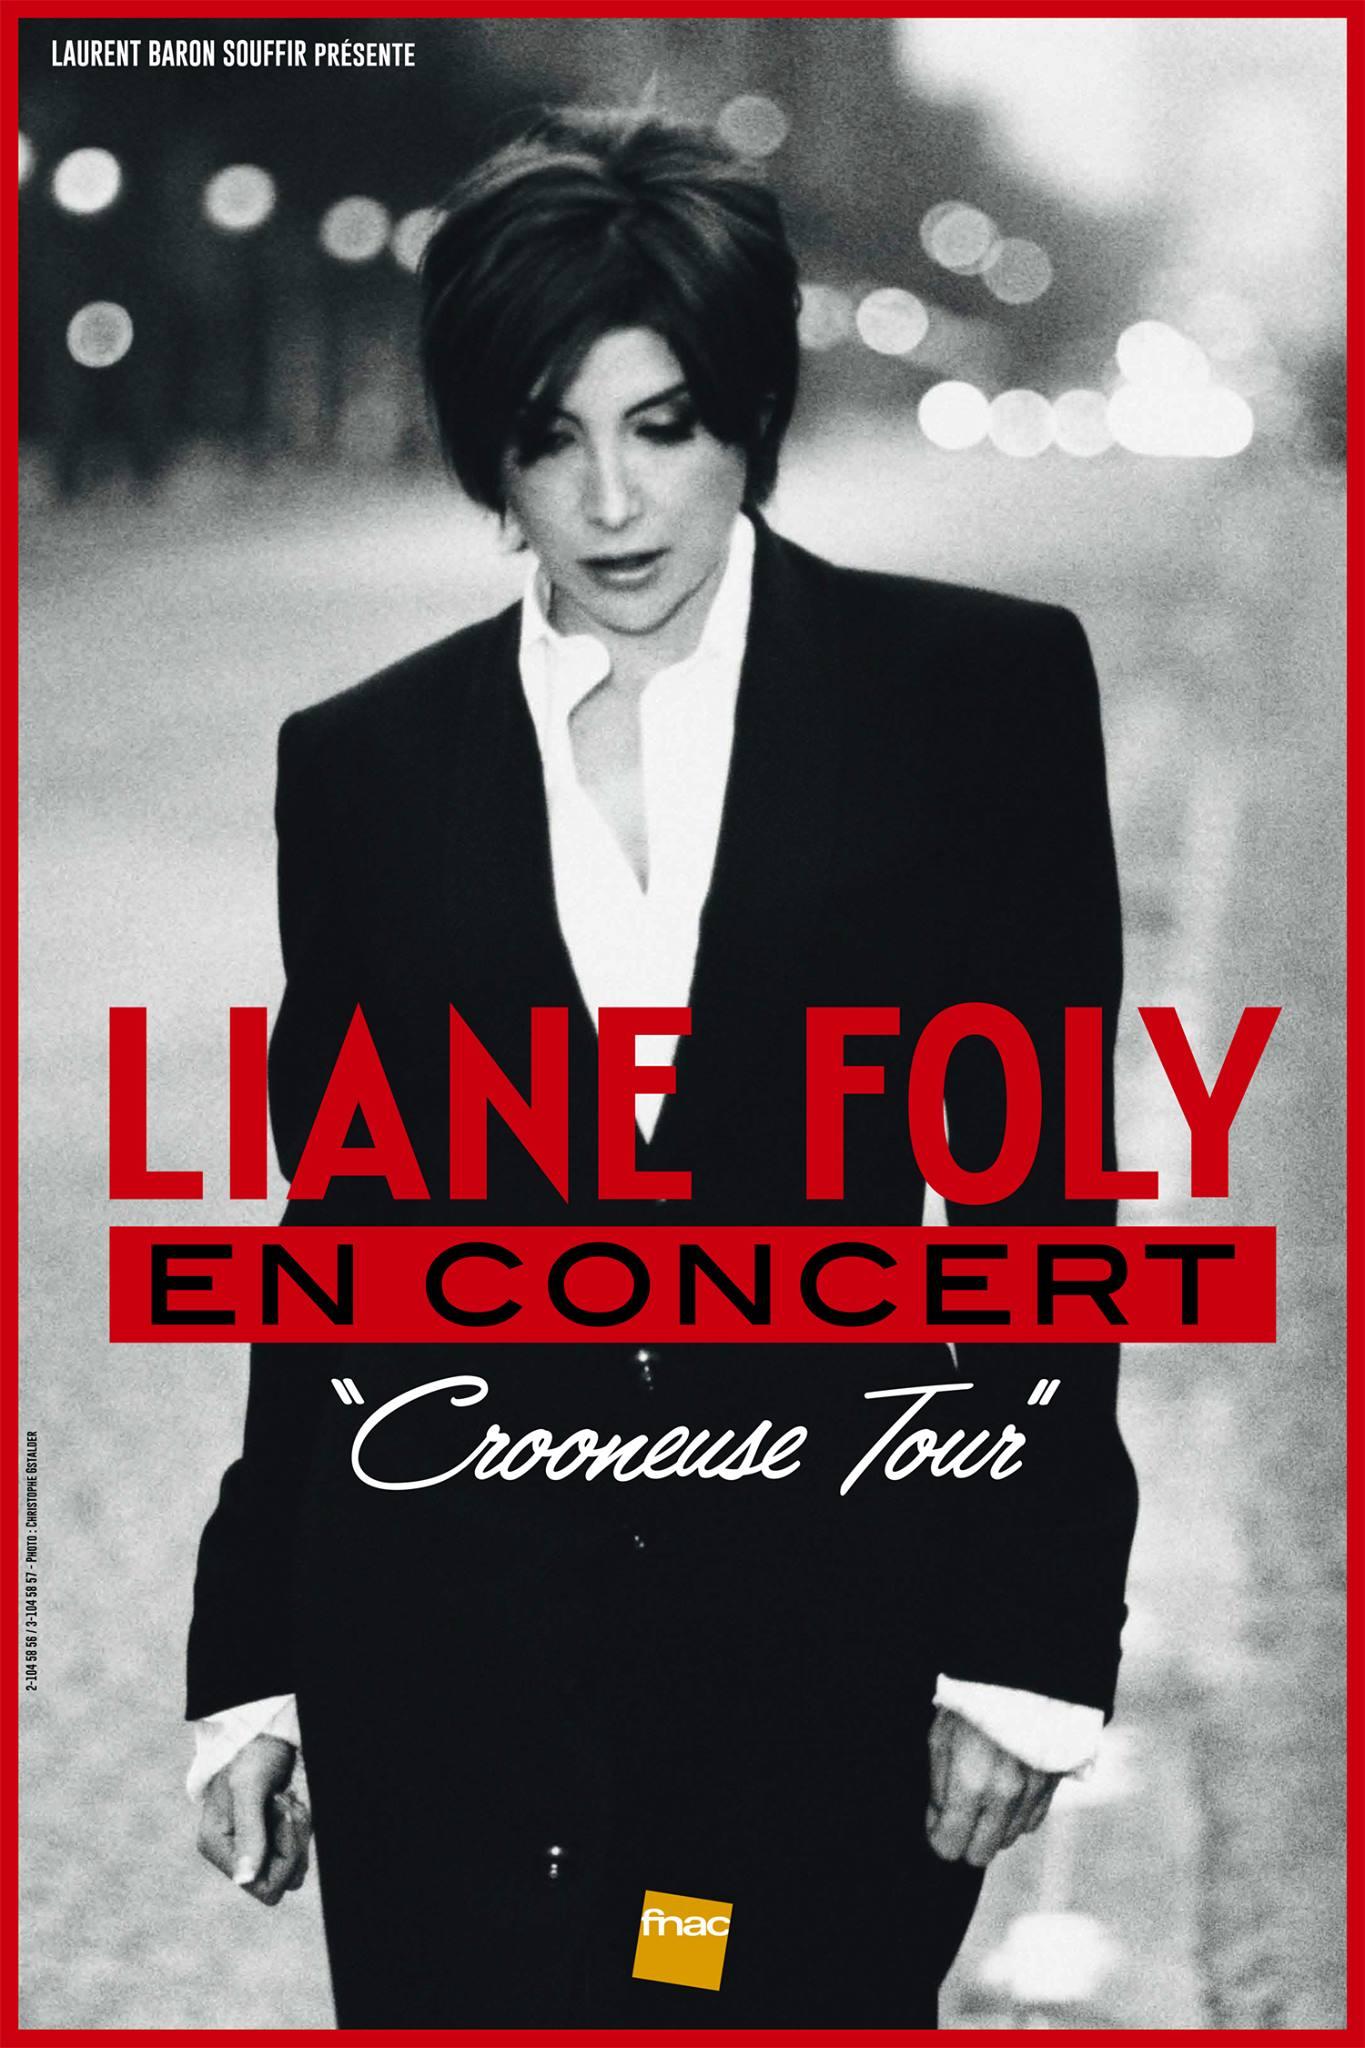 Liane Foly - Crooneuse Tour (Visuel BD)